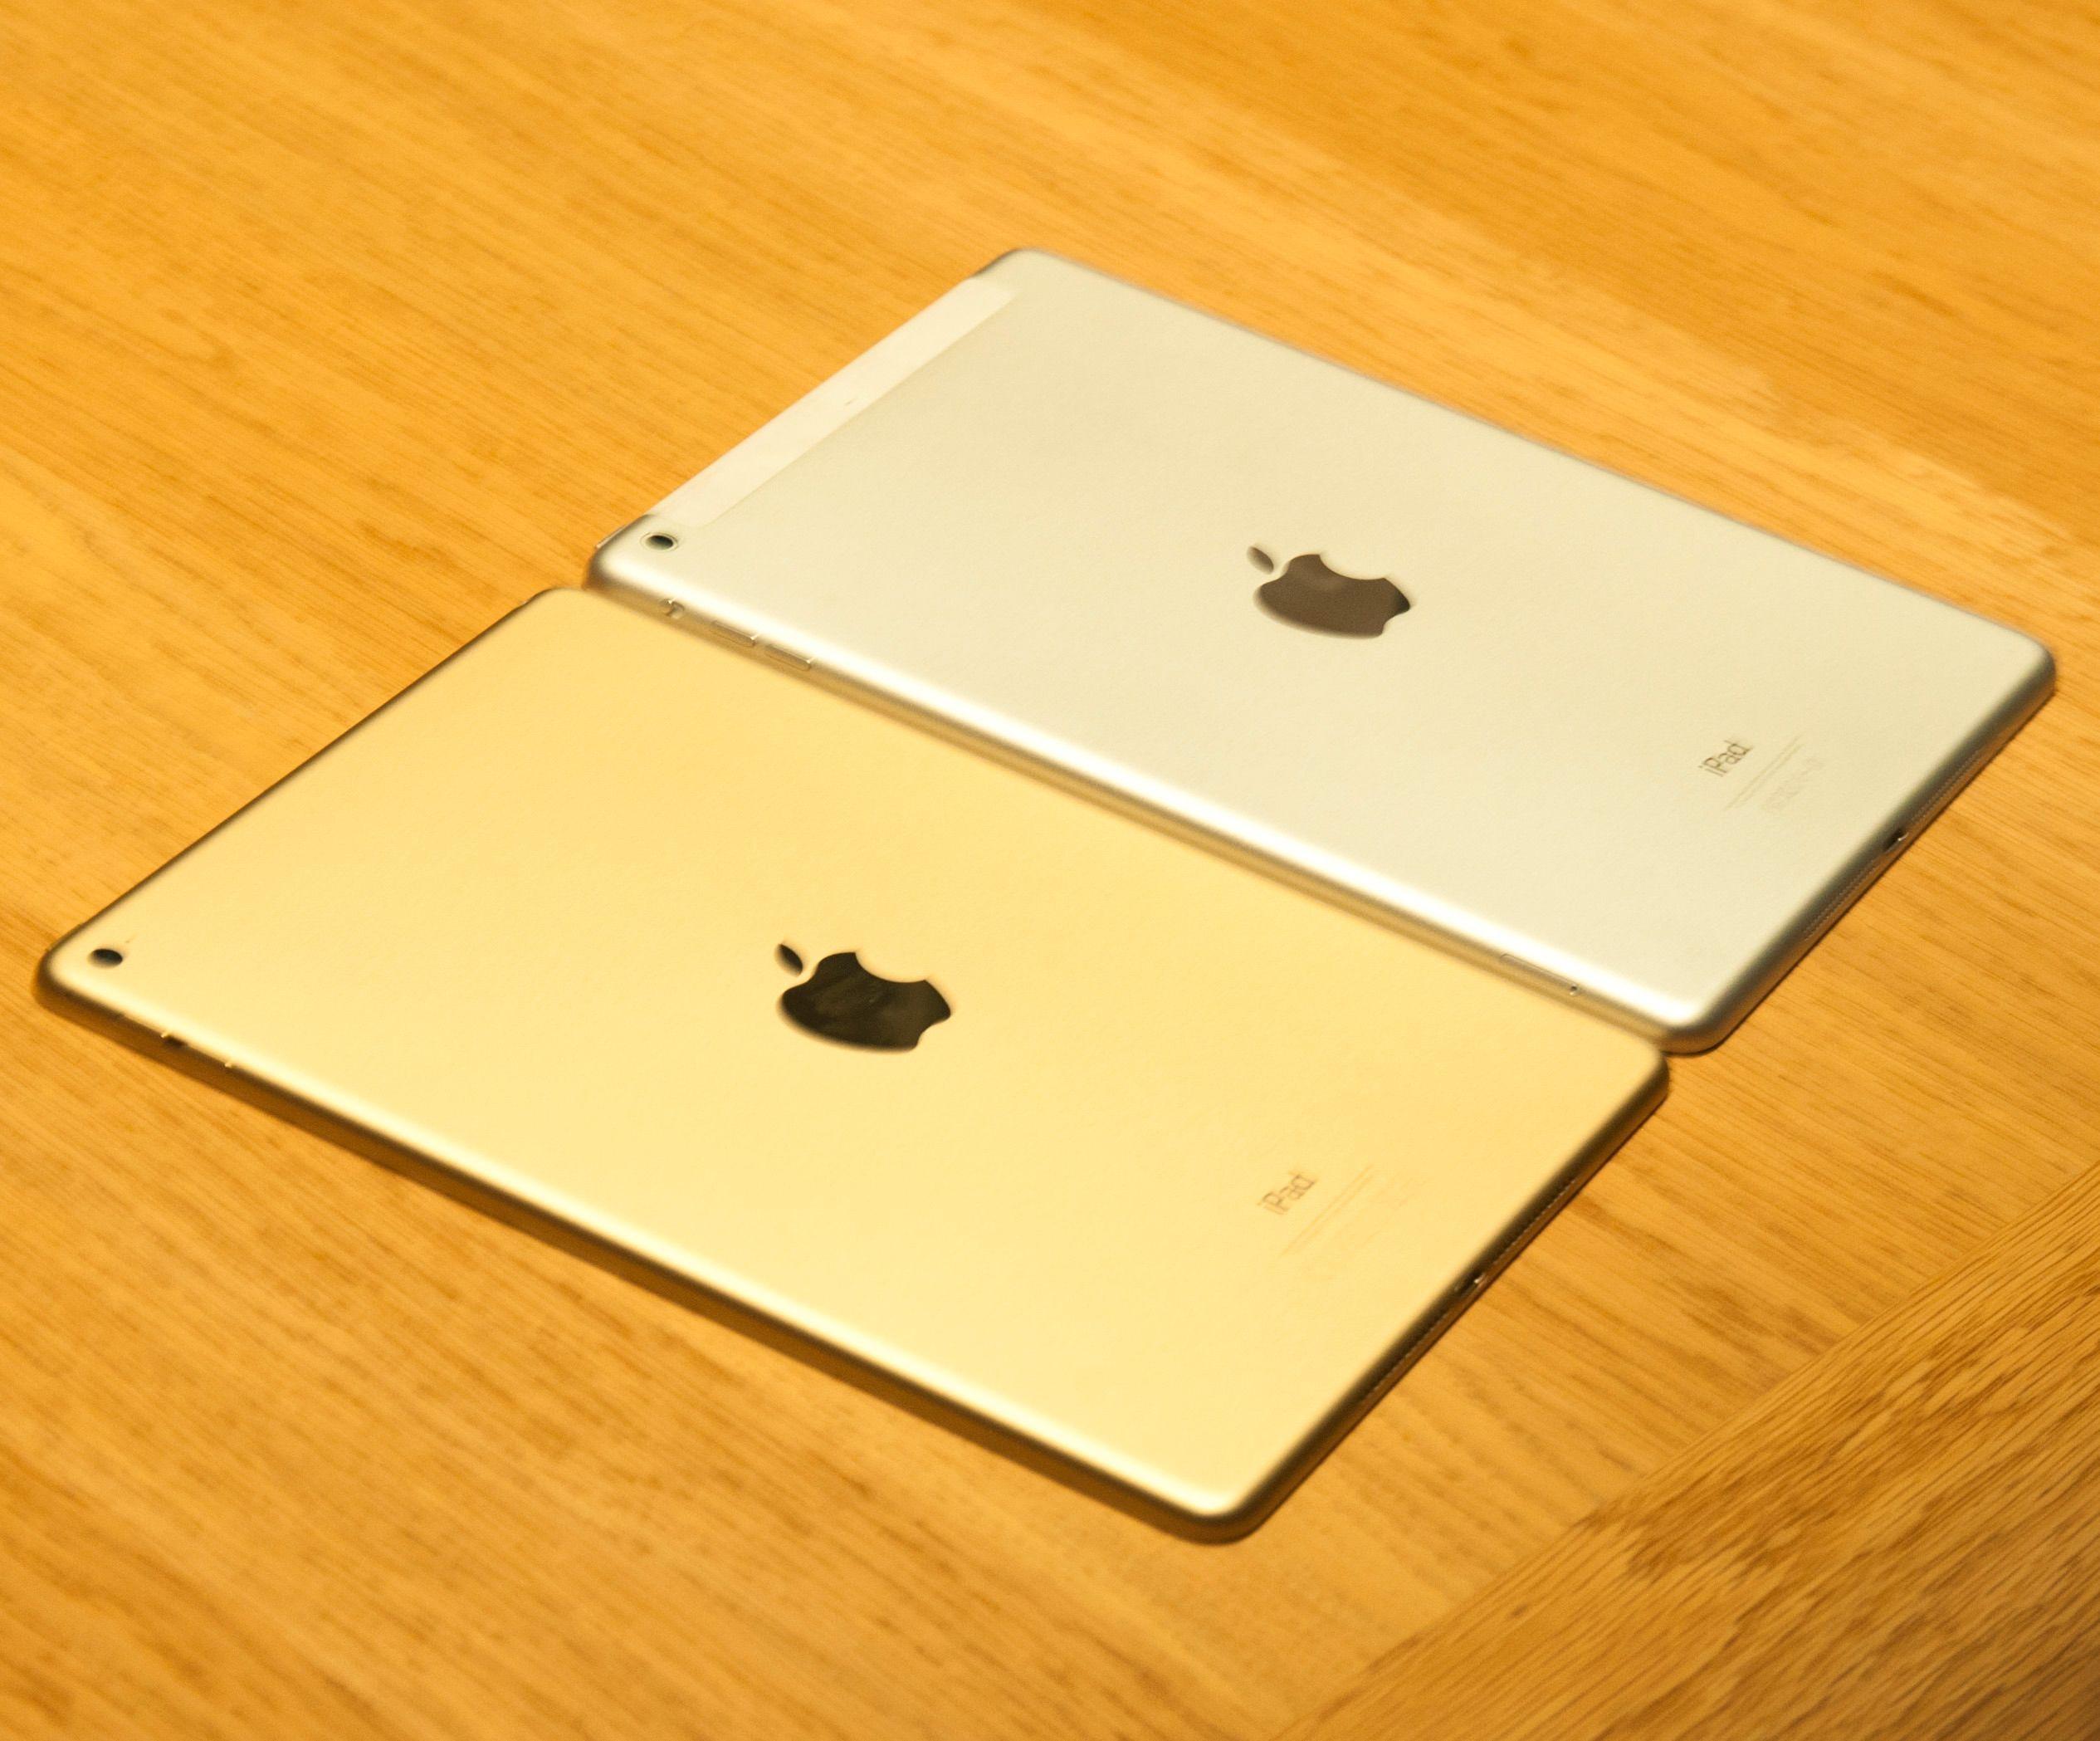 Forrige og siste generasjon iPad Air ved siden av hverandre. iPad Air 2 for anledningen i gullfarget variant.Foto: Finn Jarle Kvalheim, Tek.no